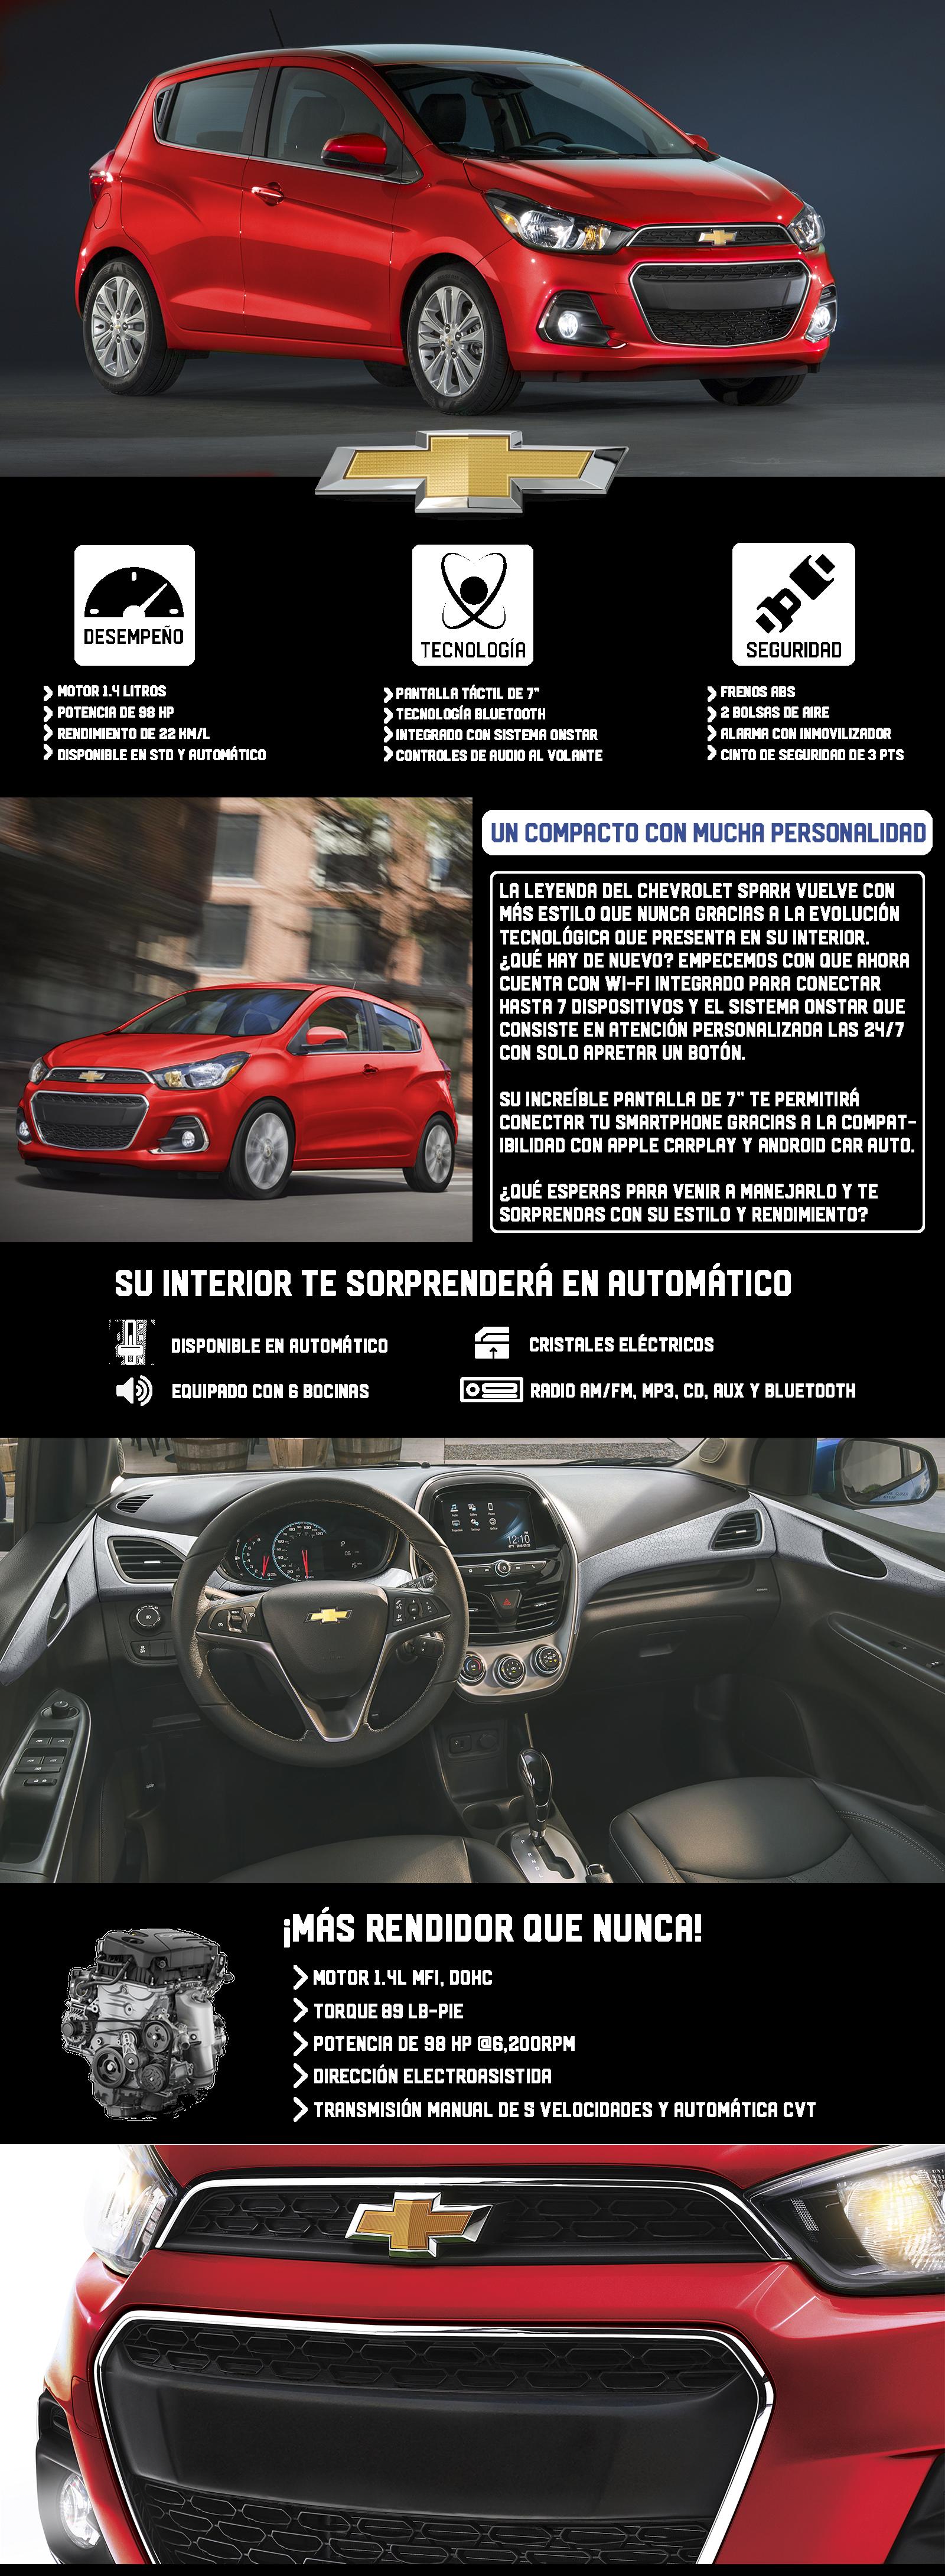 Chevrolet Spark NG 2018